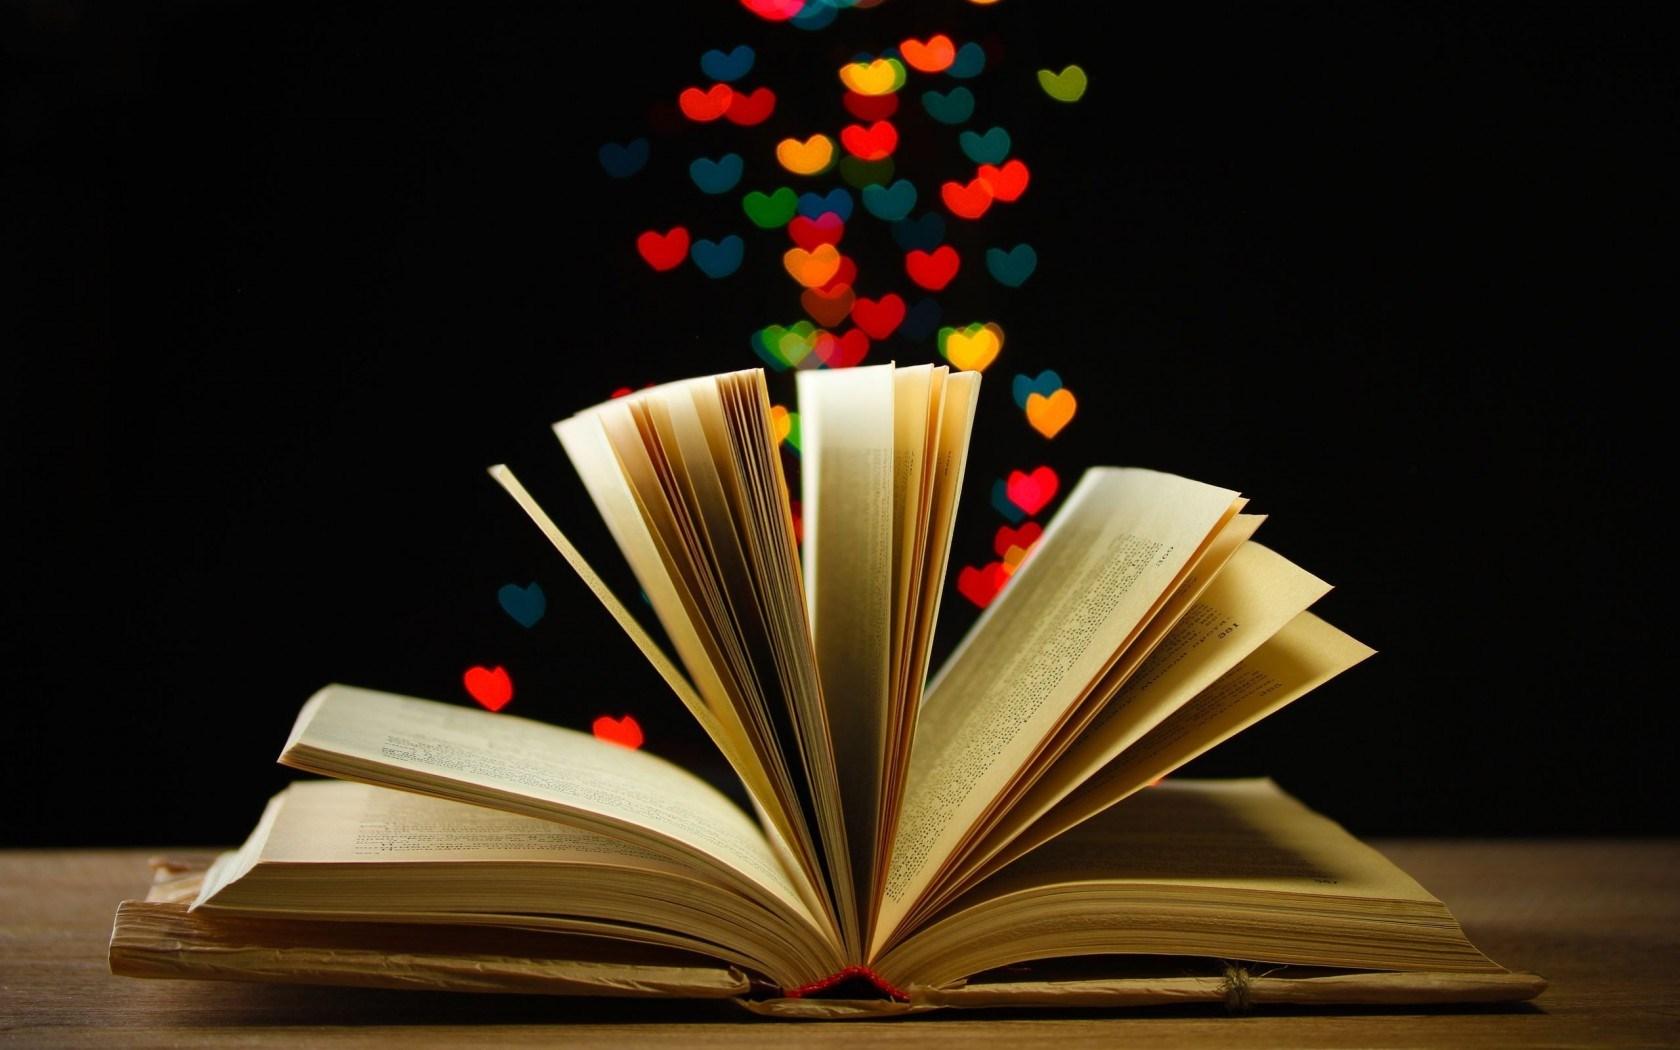 Descubra qual era o livro mais vendido no dia em que você nasceu